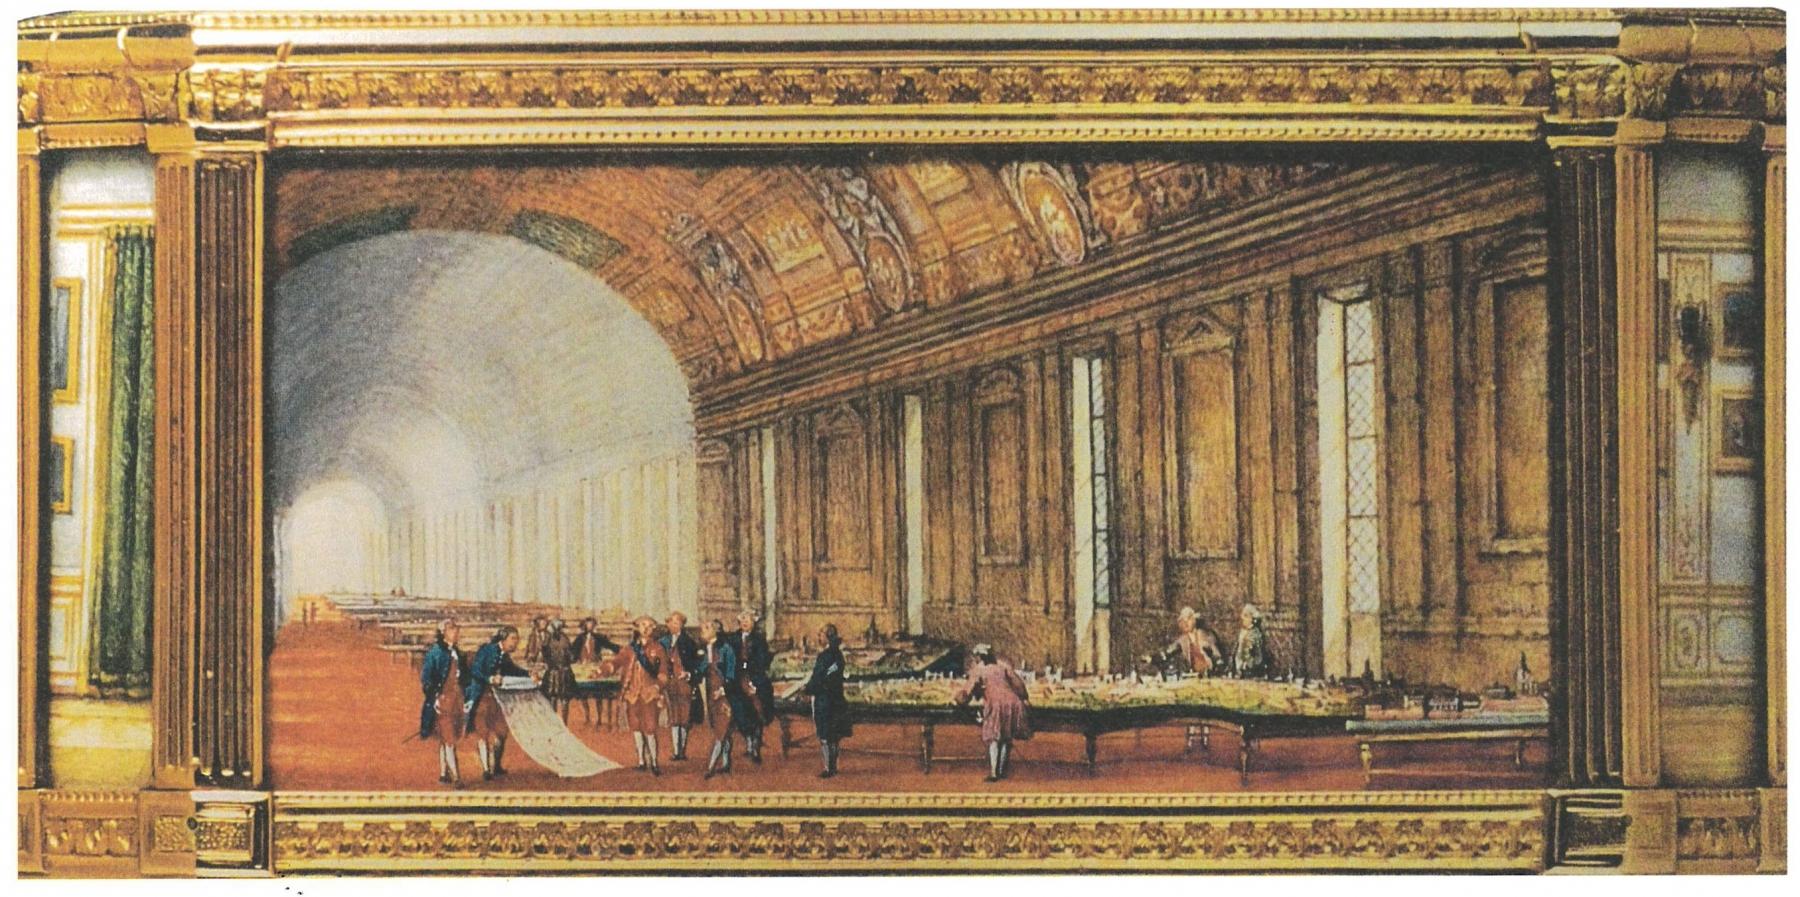 111_11_Louis-Nicolas-Van-Blarenberghe_Boite-de-Choiseul_Monyure-Par-Louis-Roucel_1770-1771_WEB